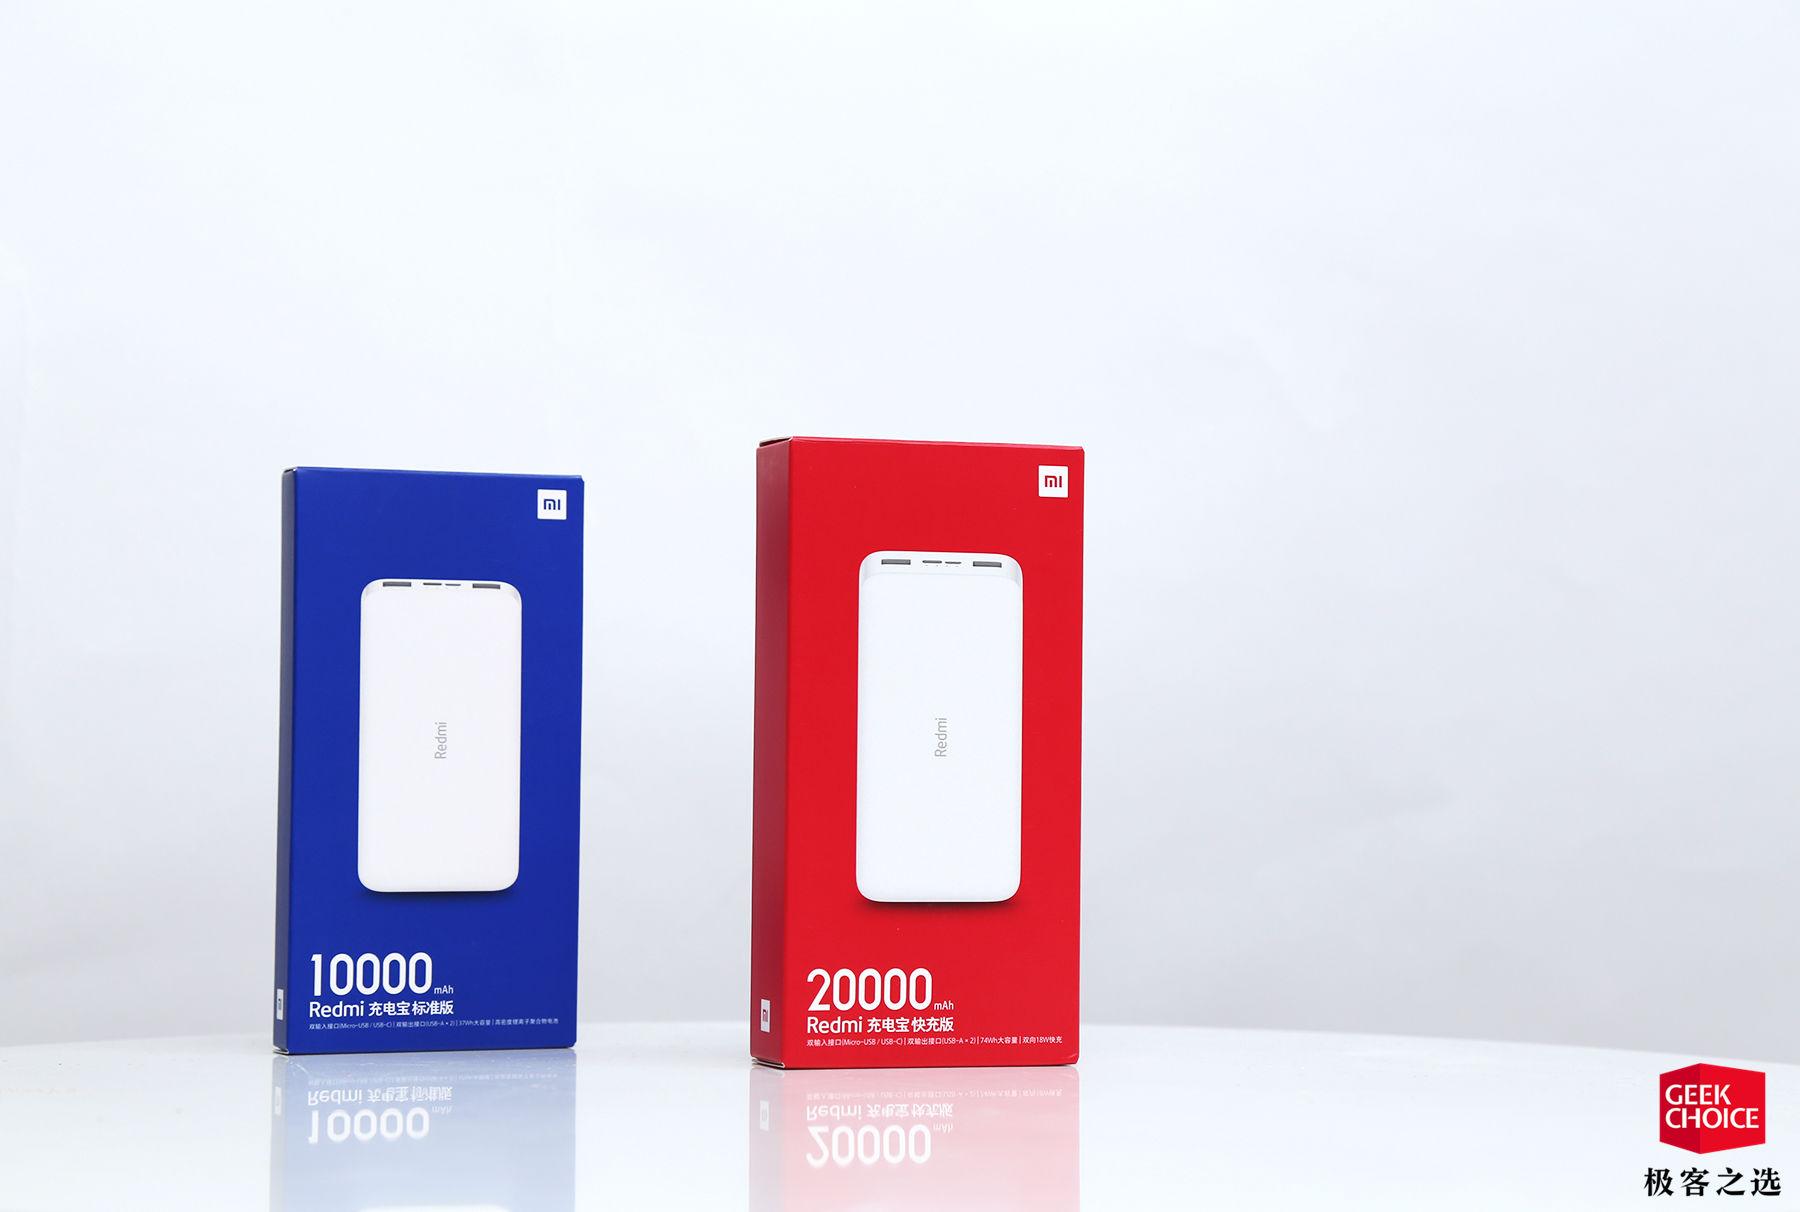 Redmi 充电宝图赏:1 万或 2 万毫安时可选,59 元起售